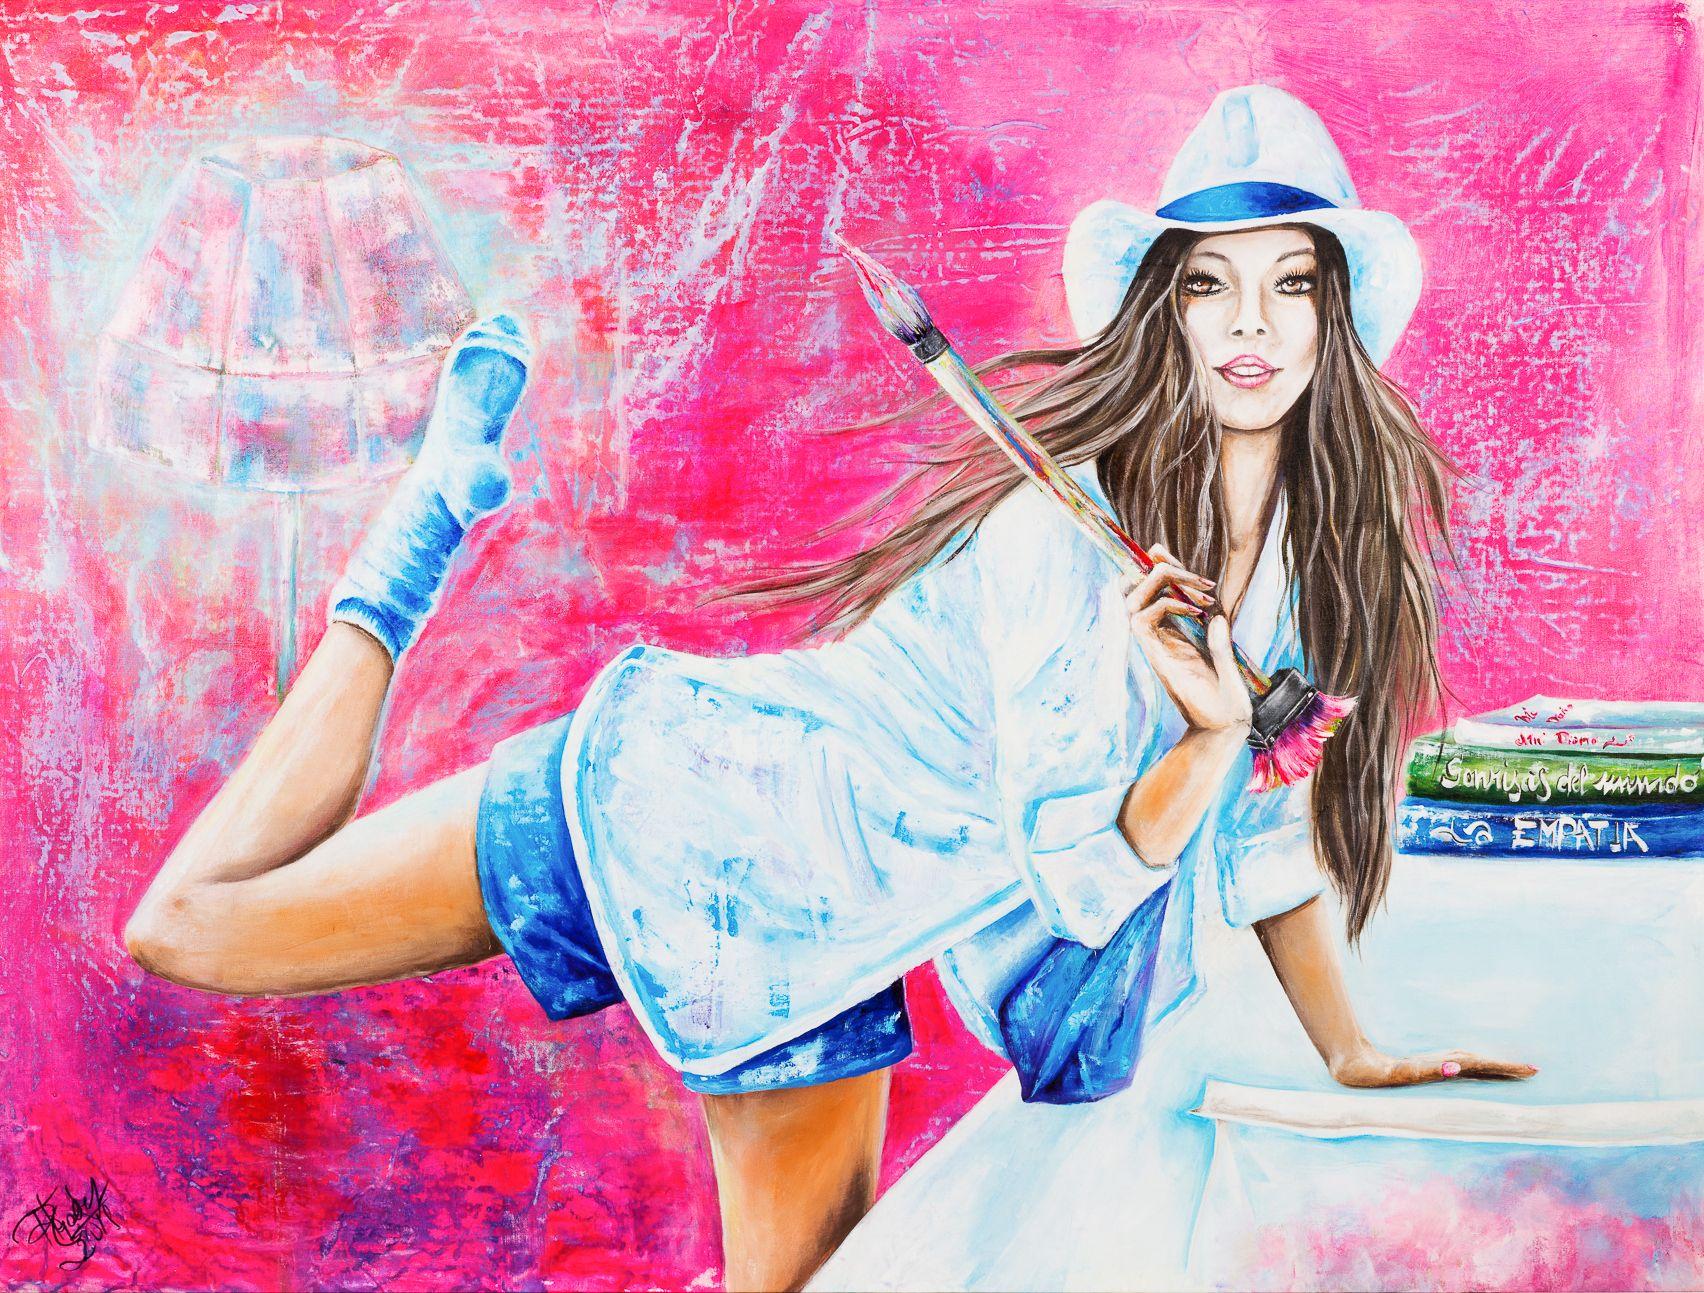 Mi artista | My artist | Acrílico sobre lienzo | Acrylic on canvas by Pili Tejedo 155 x 120 cm